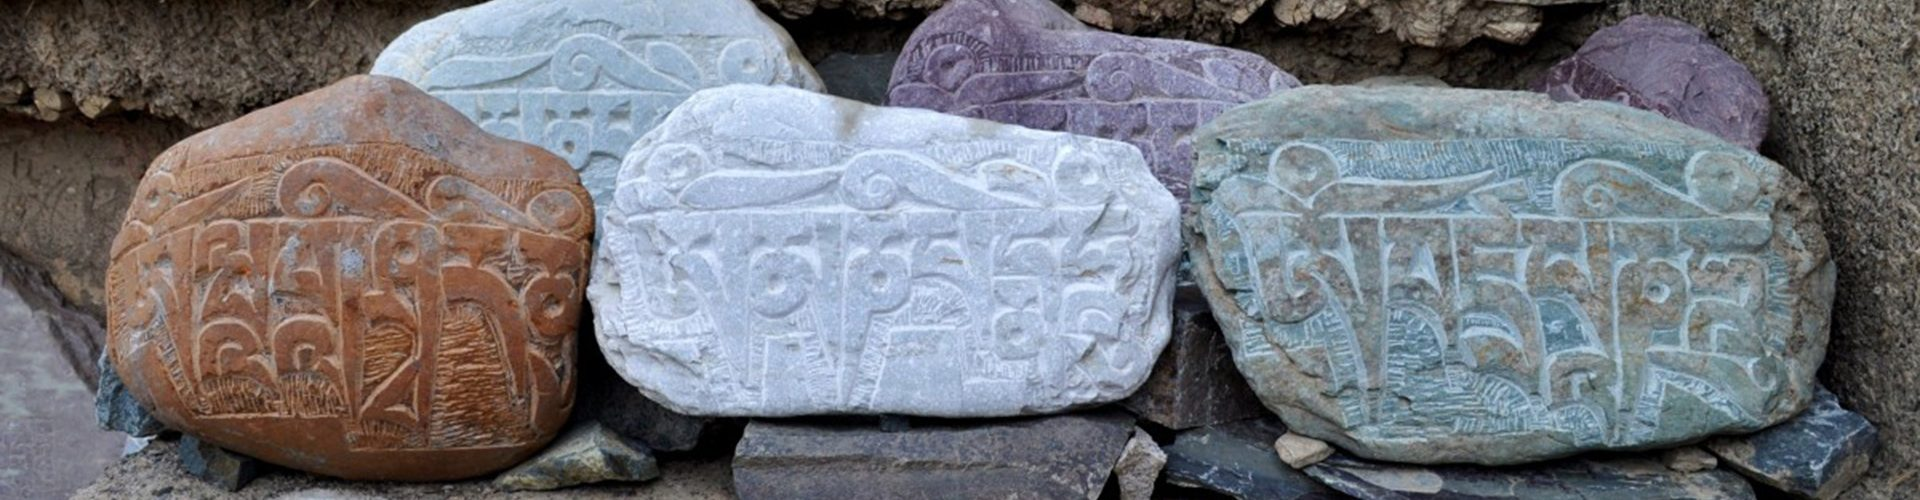 Obsèques civils entre Munster, Colmar et tout le Haut-Rhin